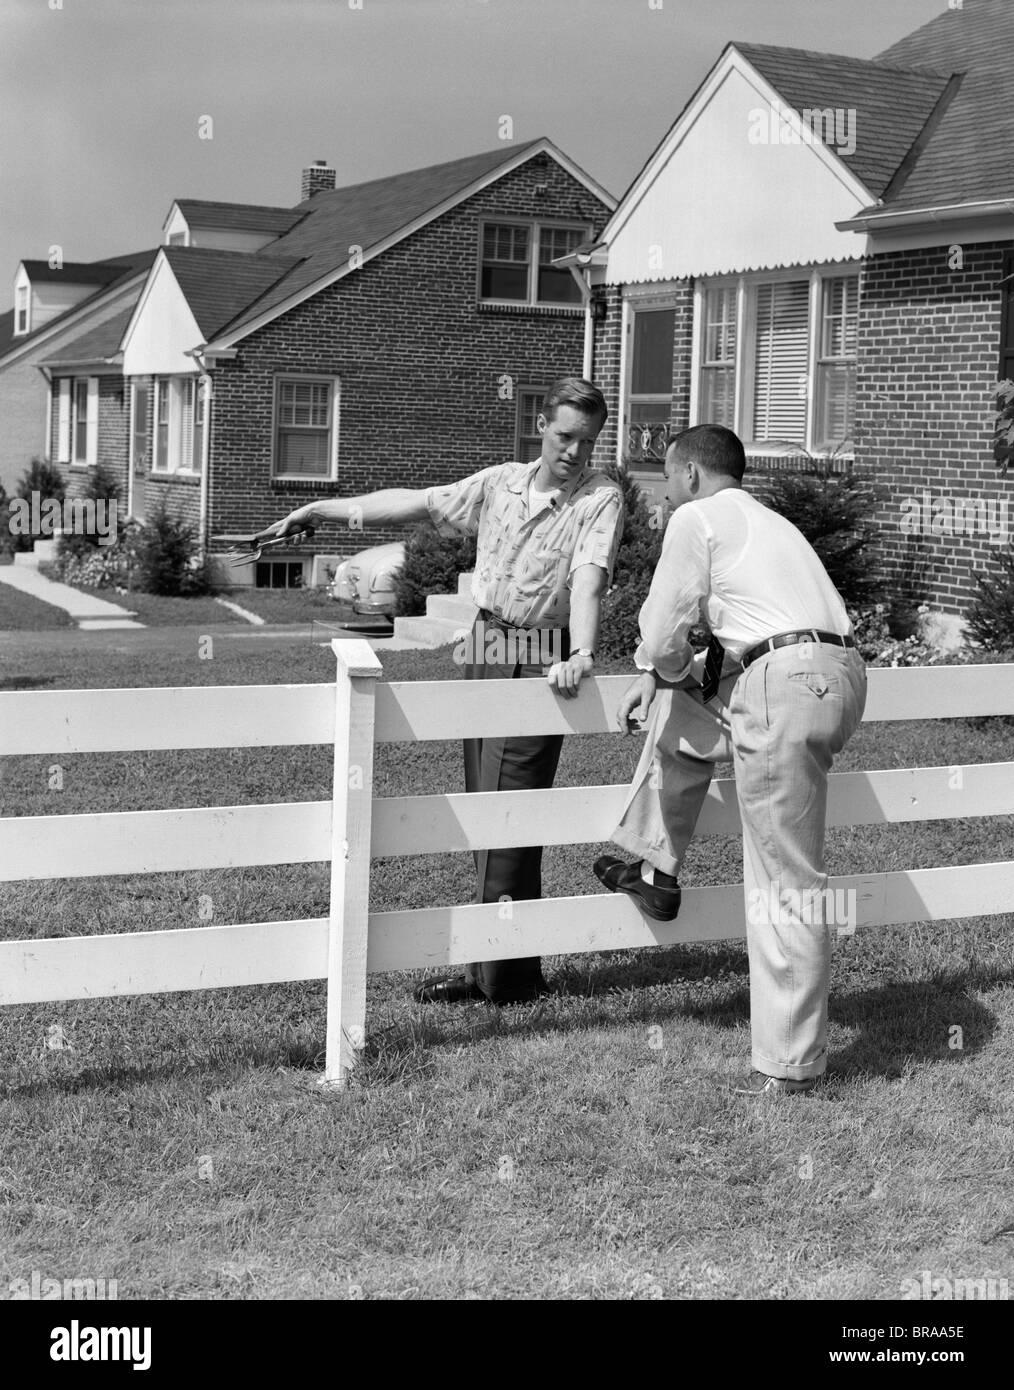 1950s Houses 1950s houses stock photos & 1950s houses stock images - alamy